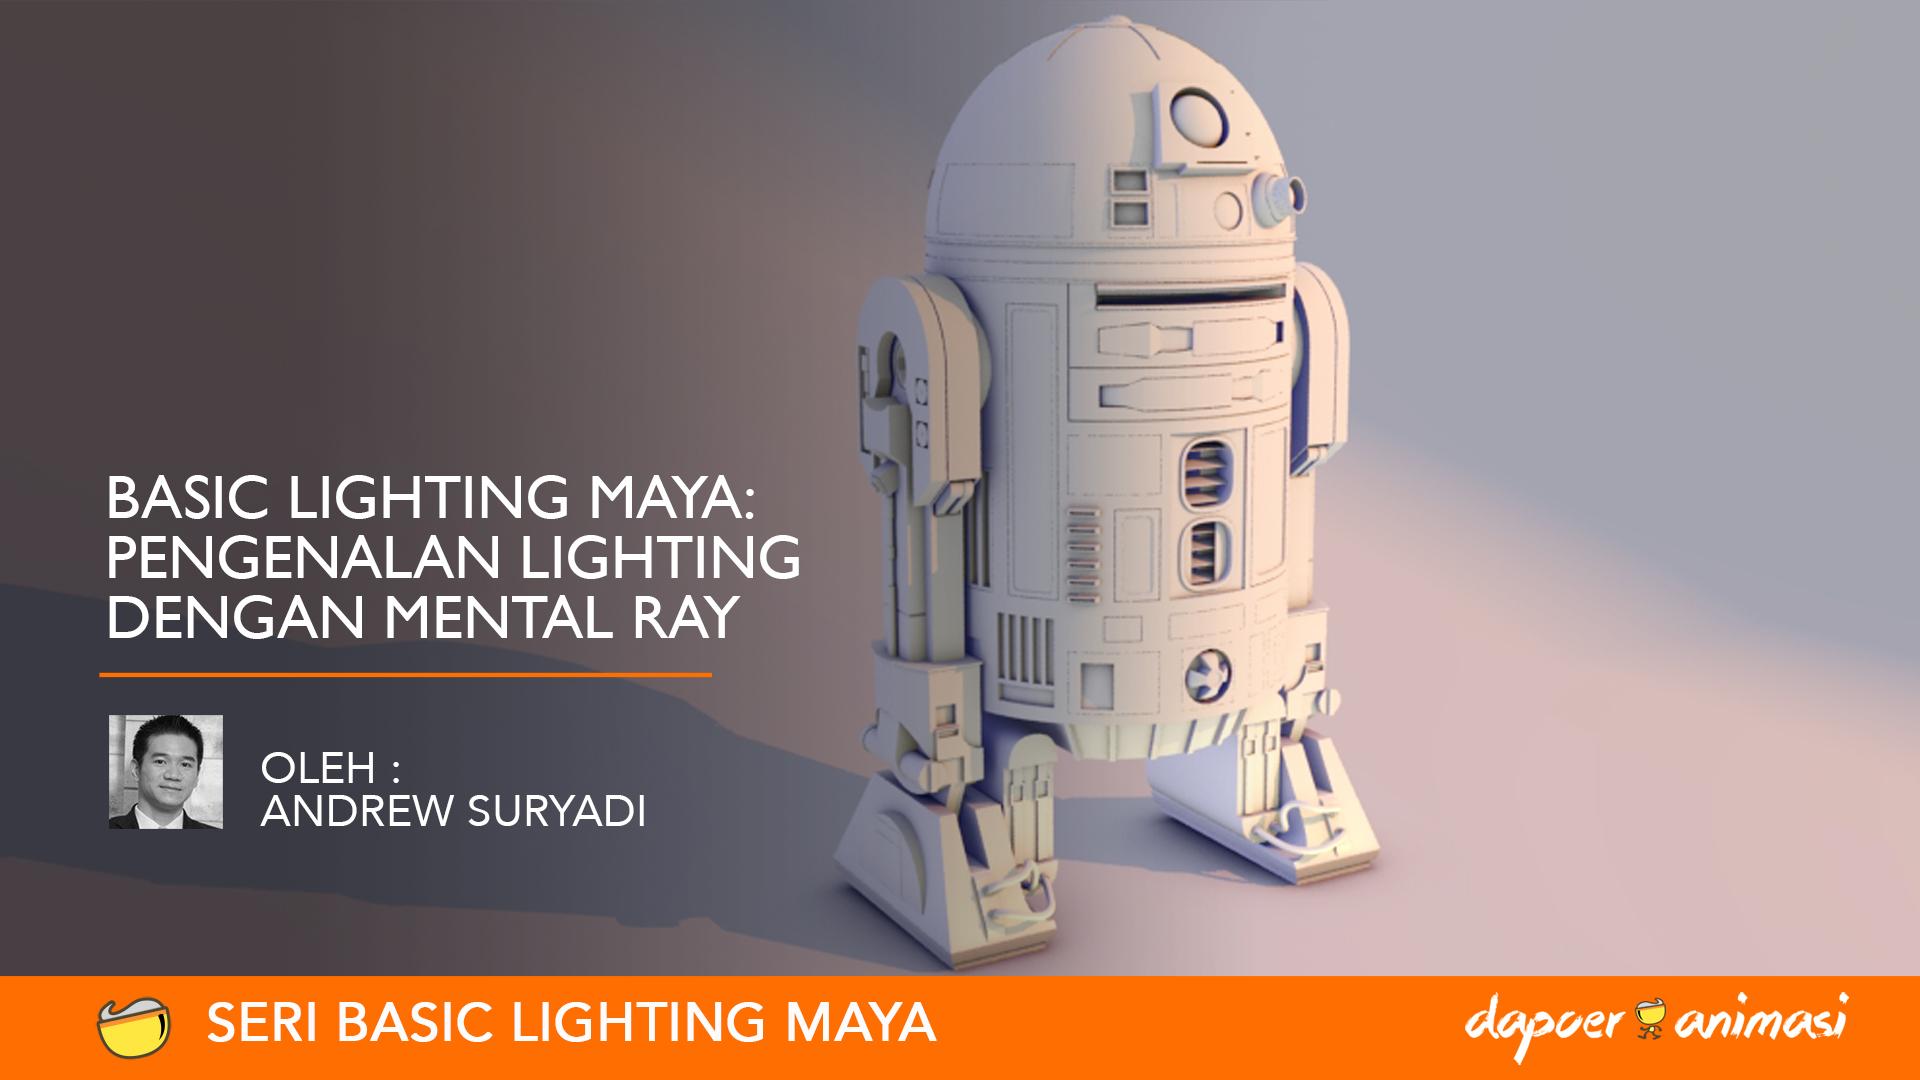 Dapoer Animasi : Basic Lighting Maya – Pengenalan Lighting dengan Mental Ray